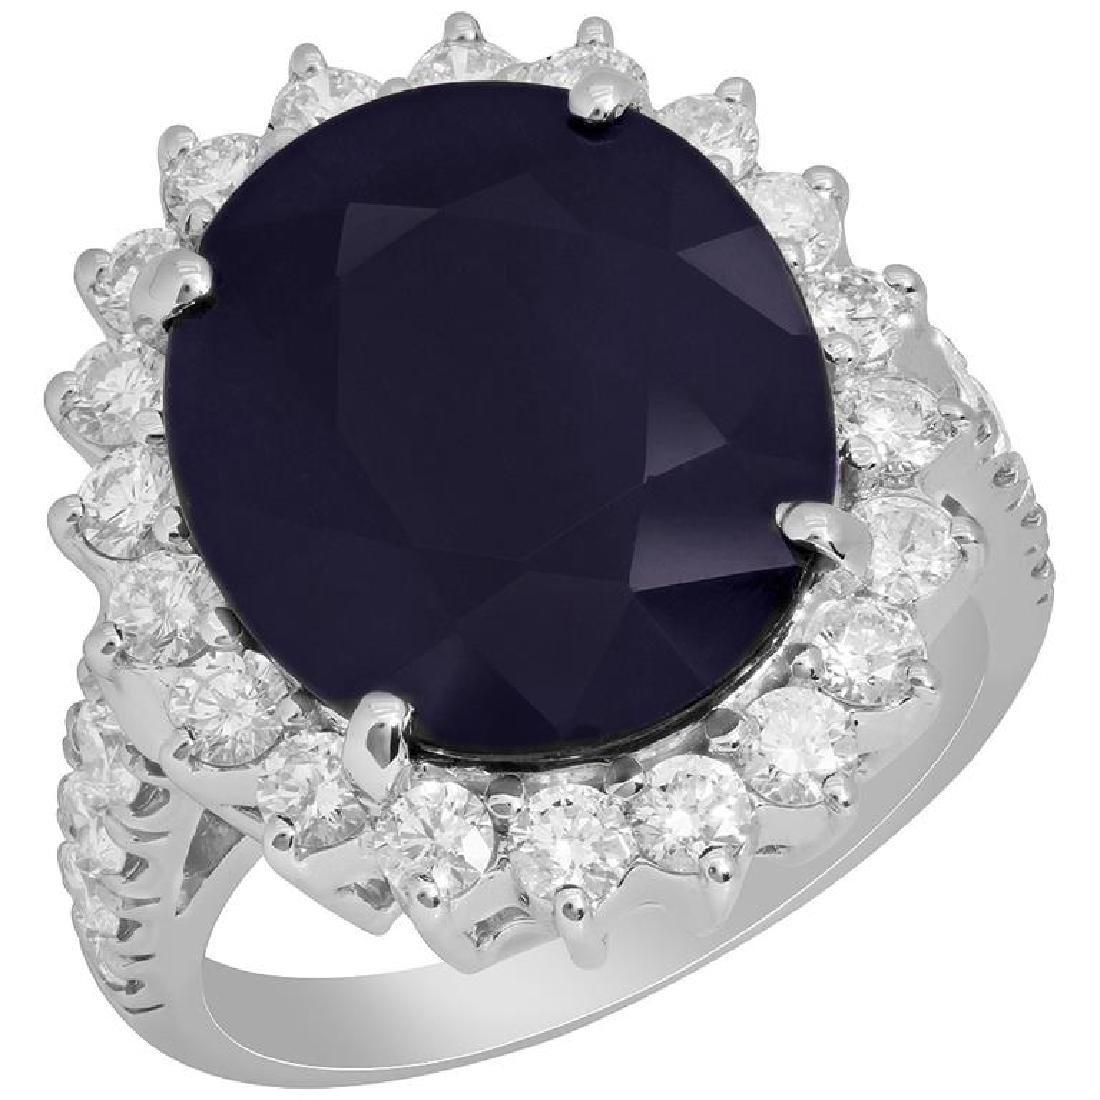 14k White Gold 9.59ct Sapphire 1.42ct Diamond Ring